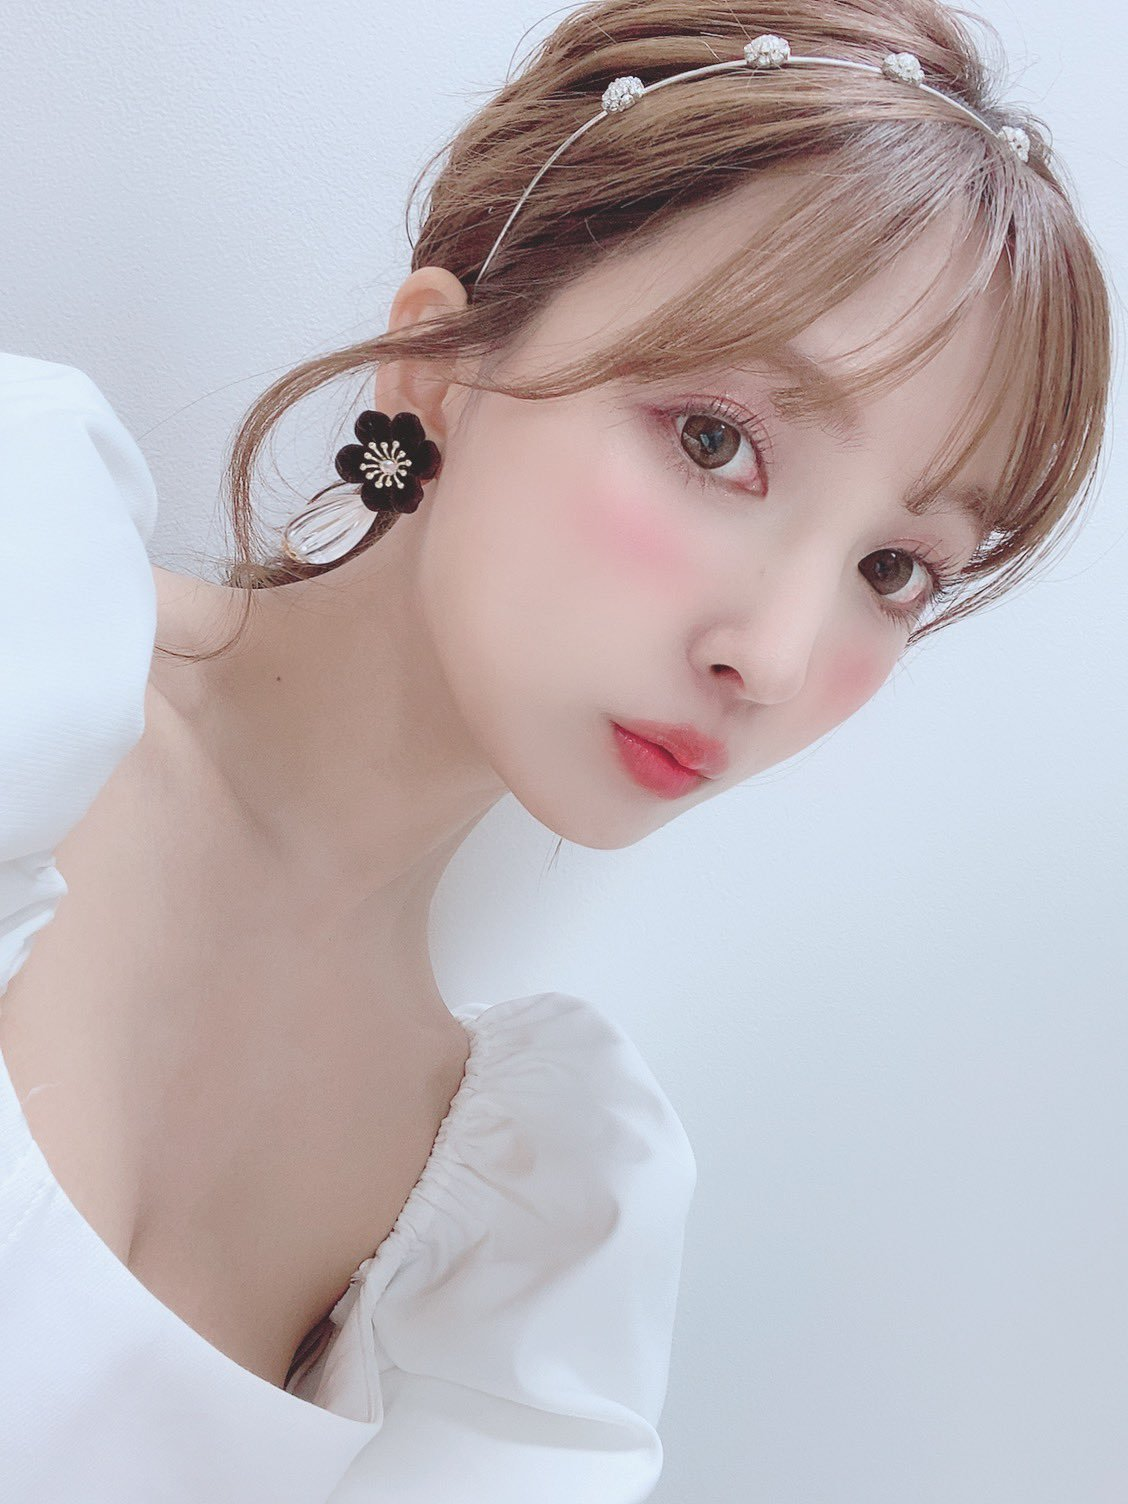 yua_mikami 1265276381396525057_p0